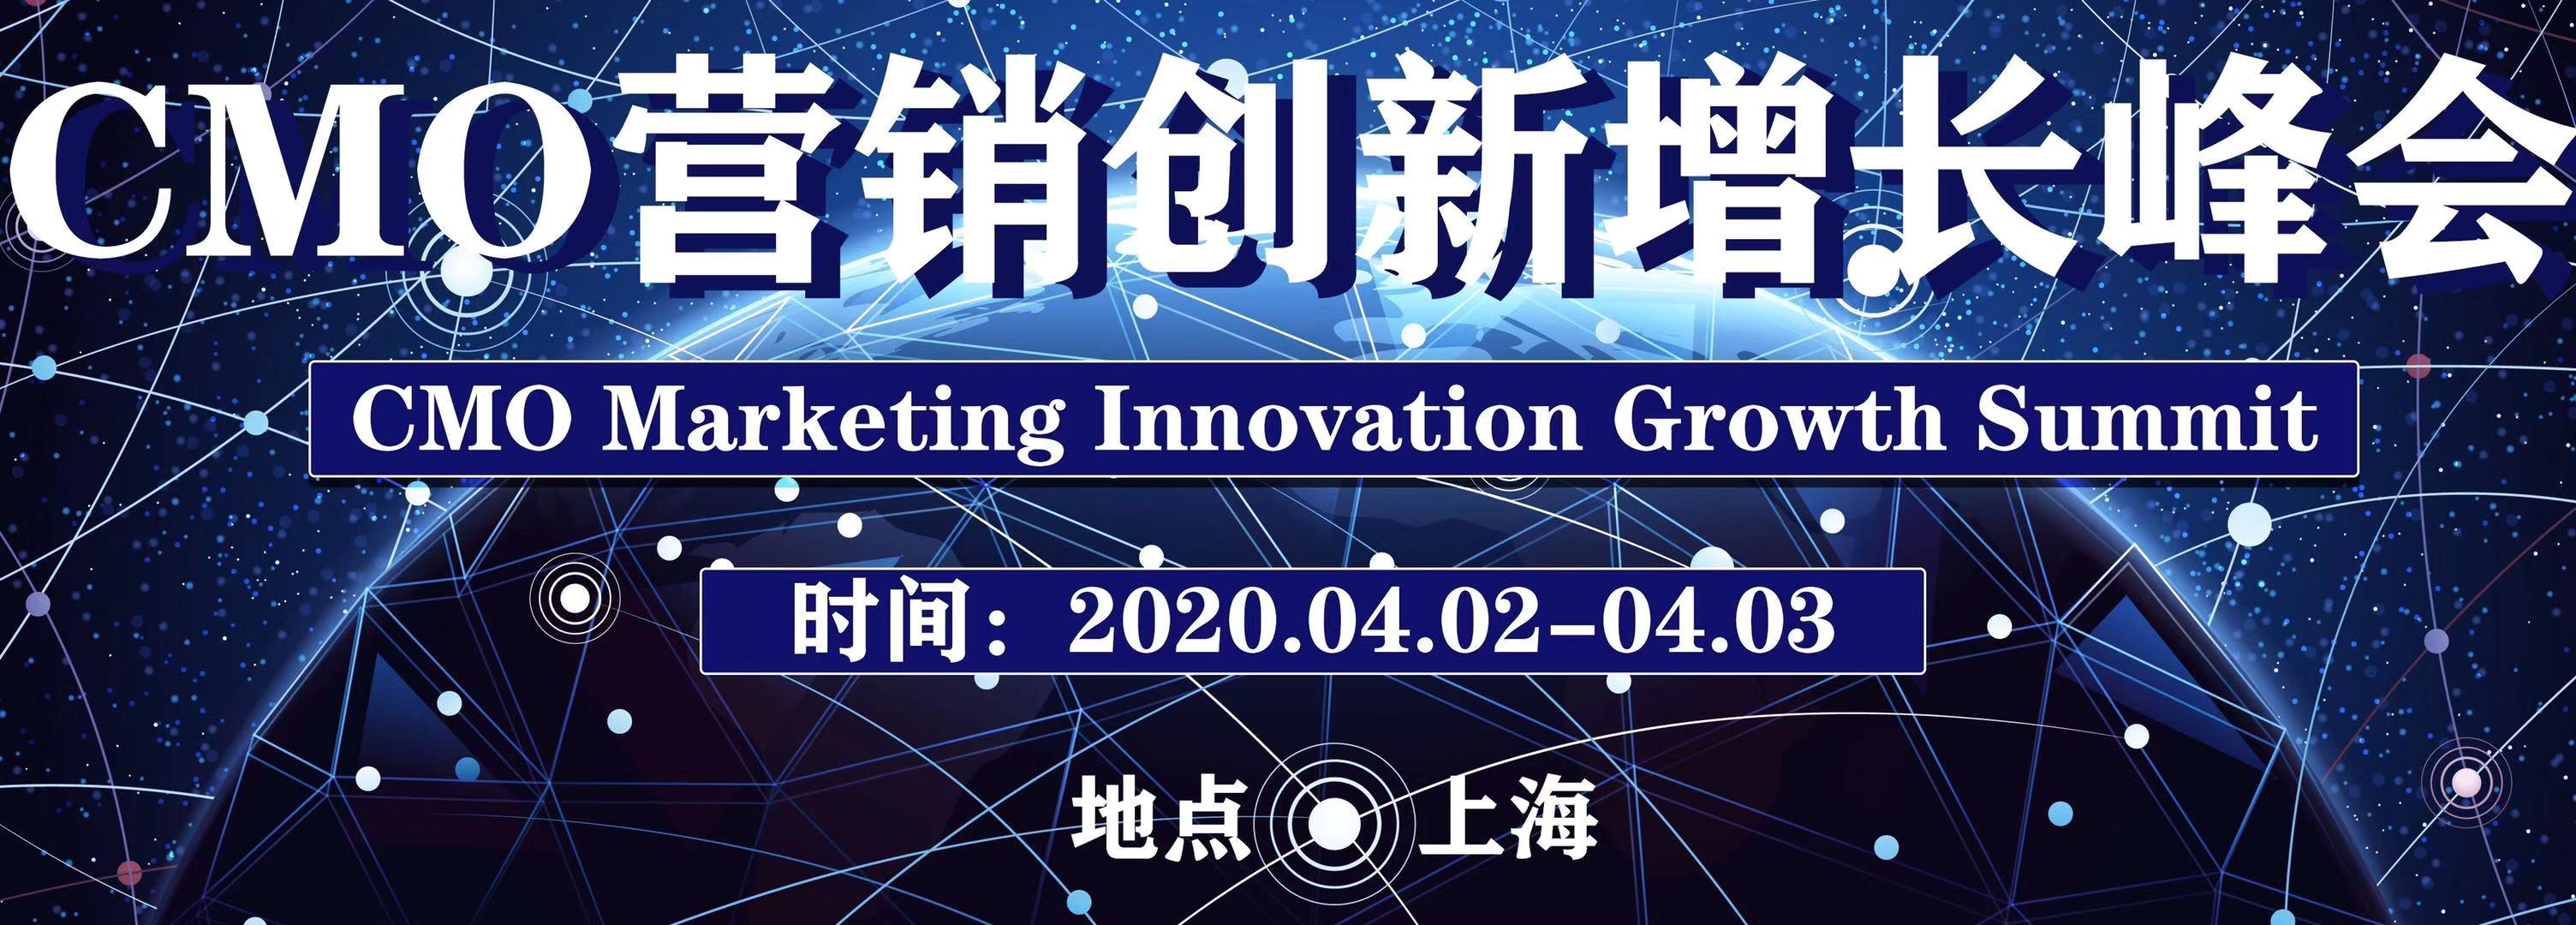 网络营销上海4月将举行,参会集锦发布